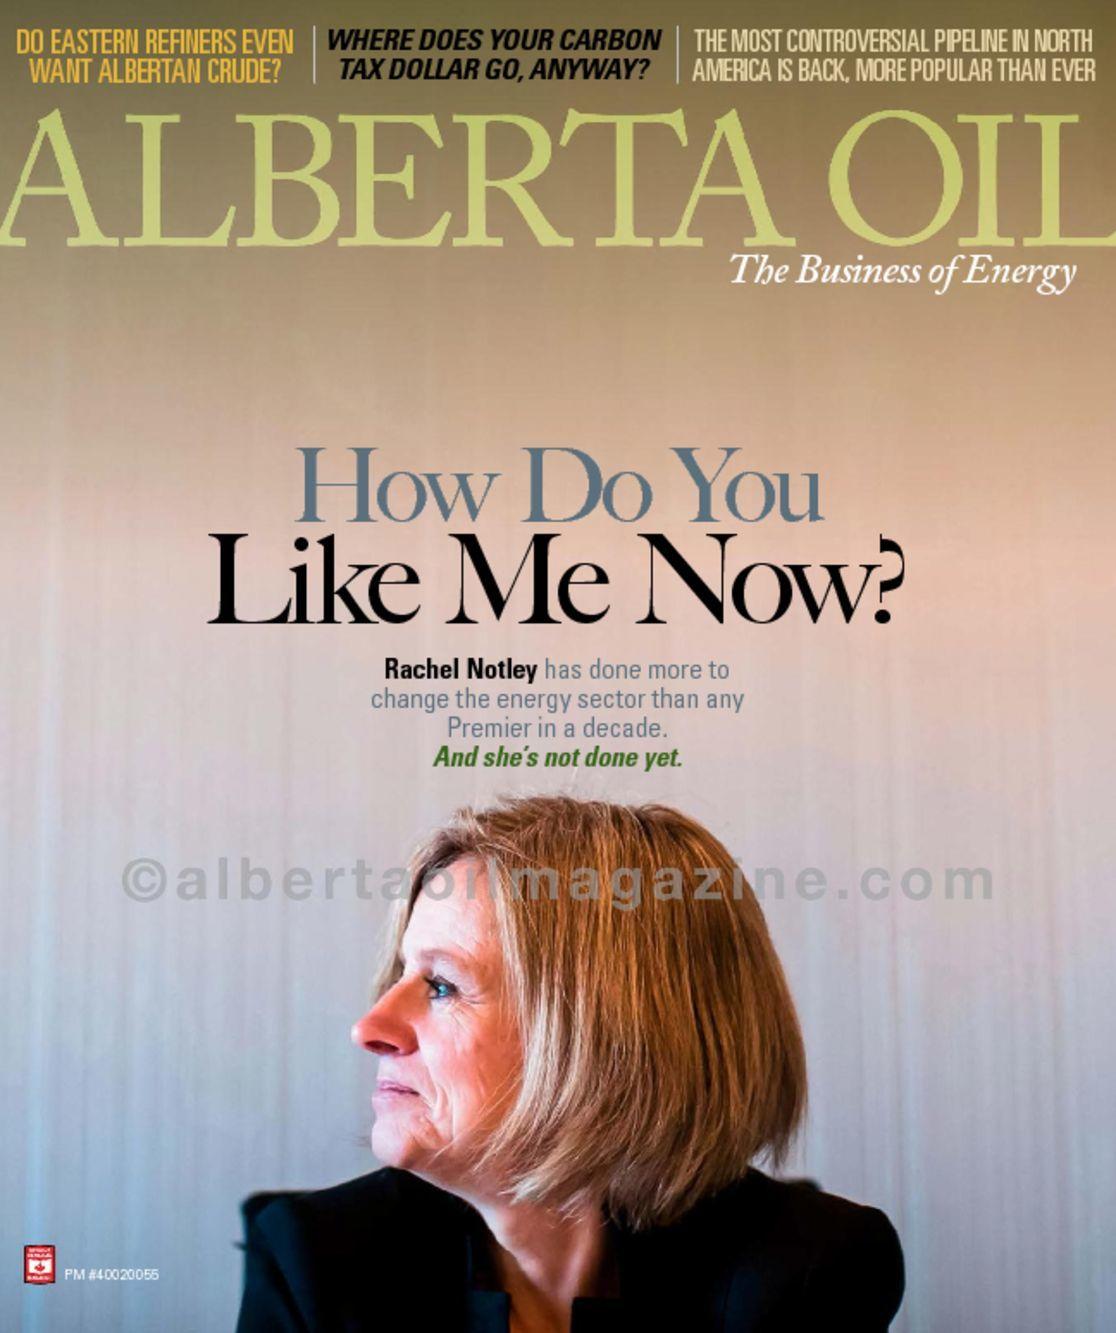 Alberta Oil Digital